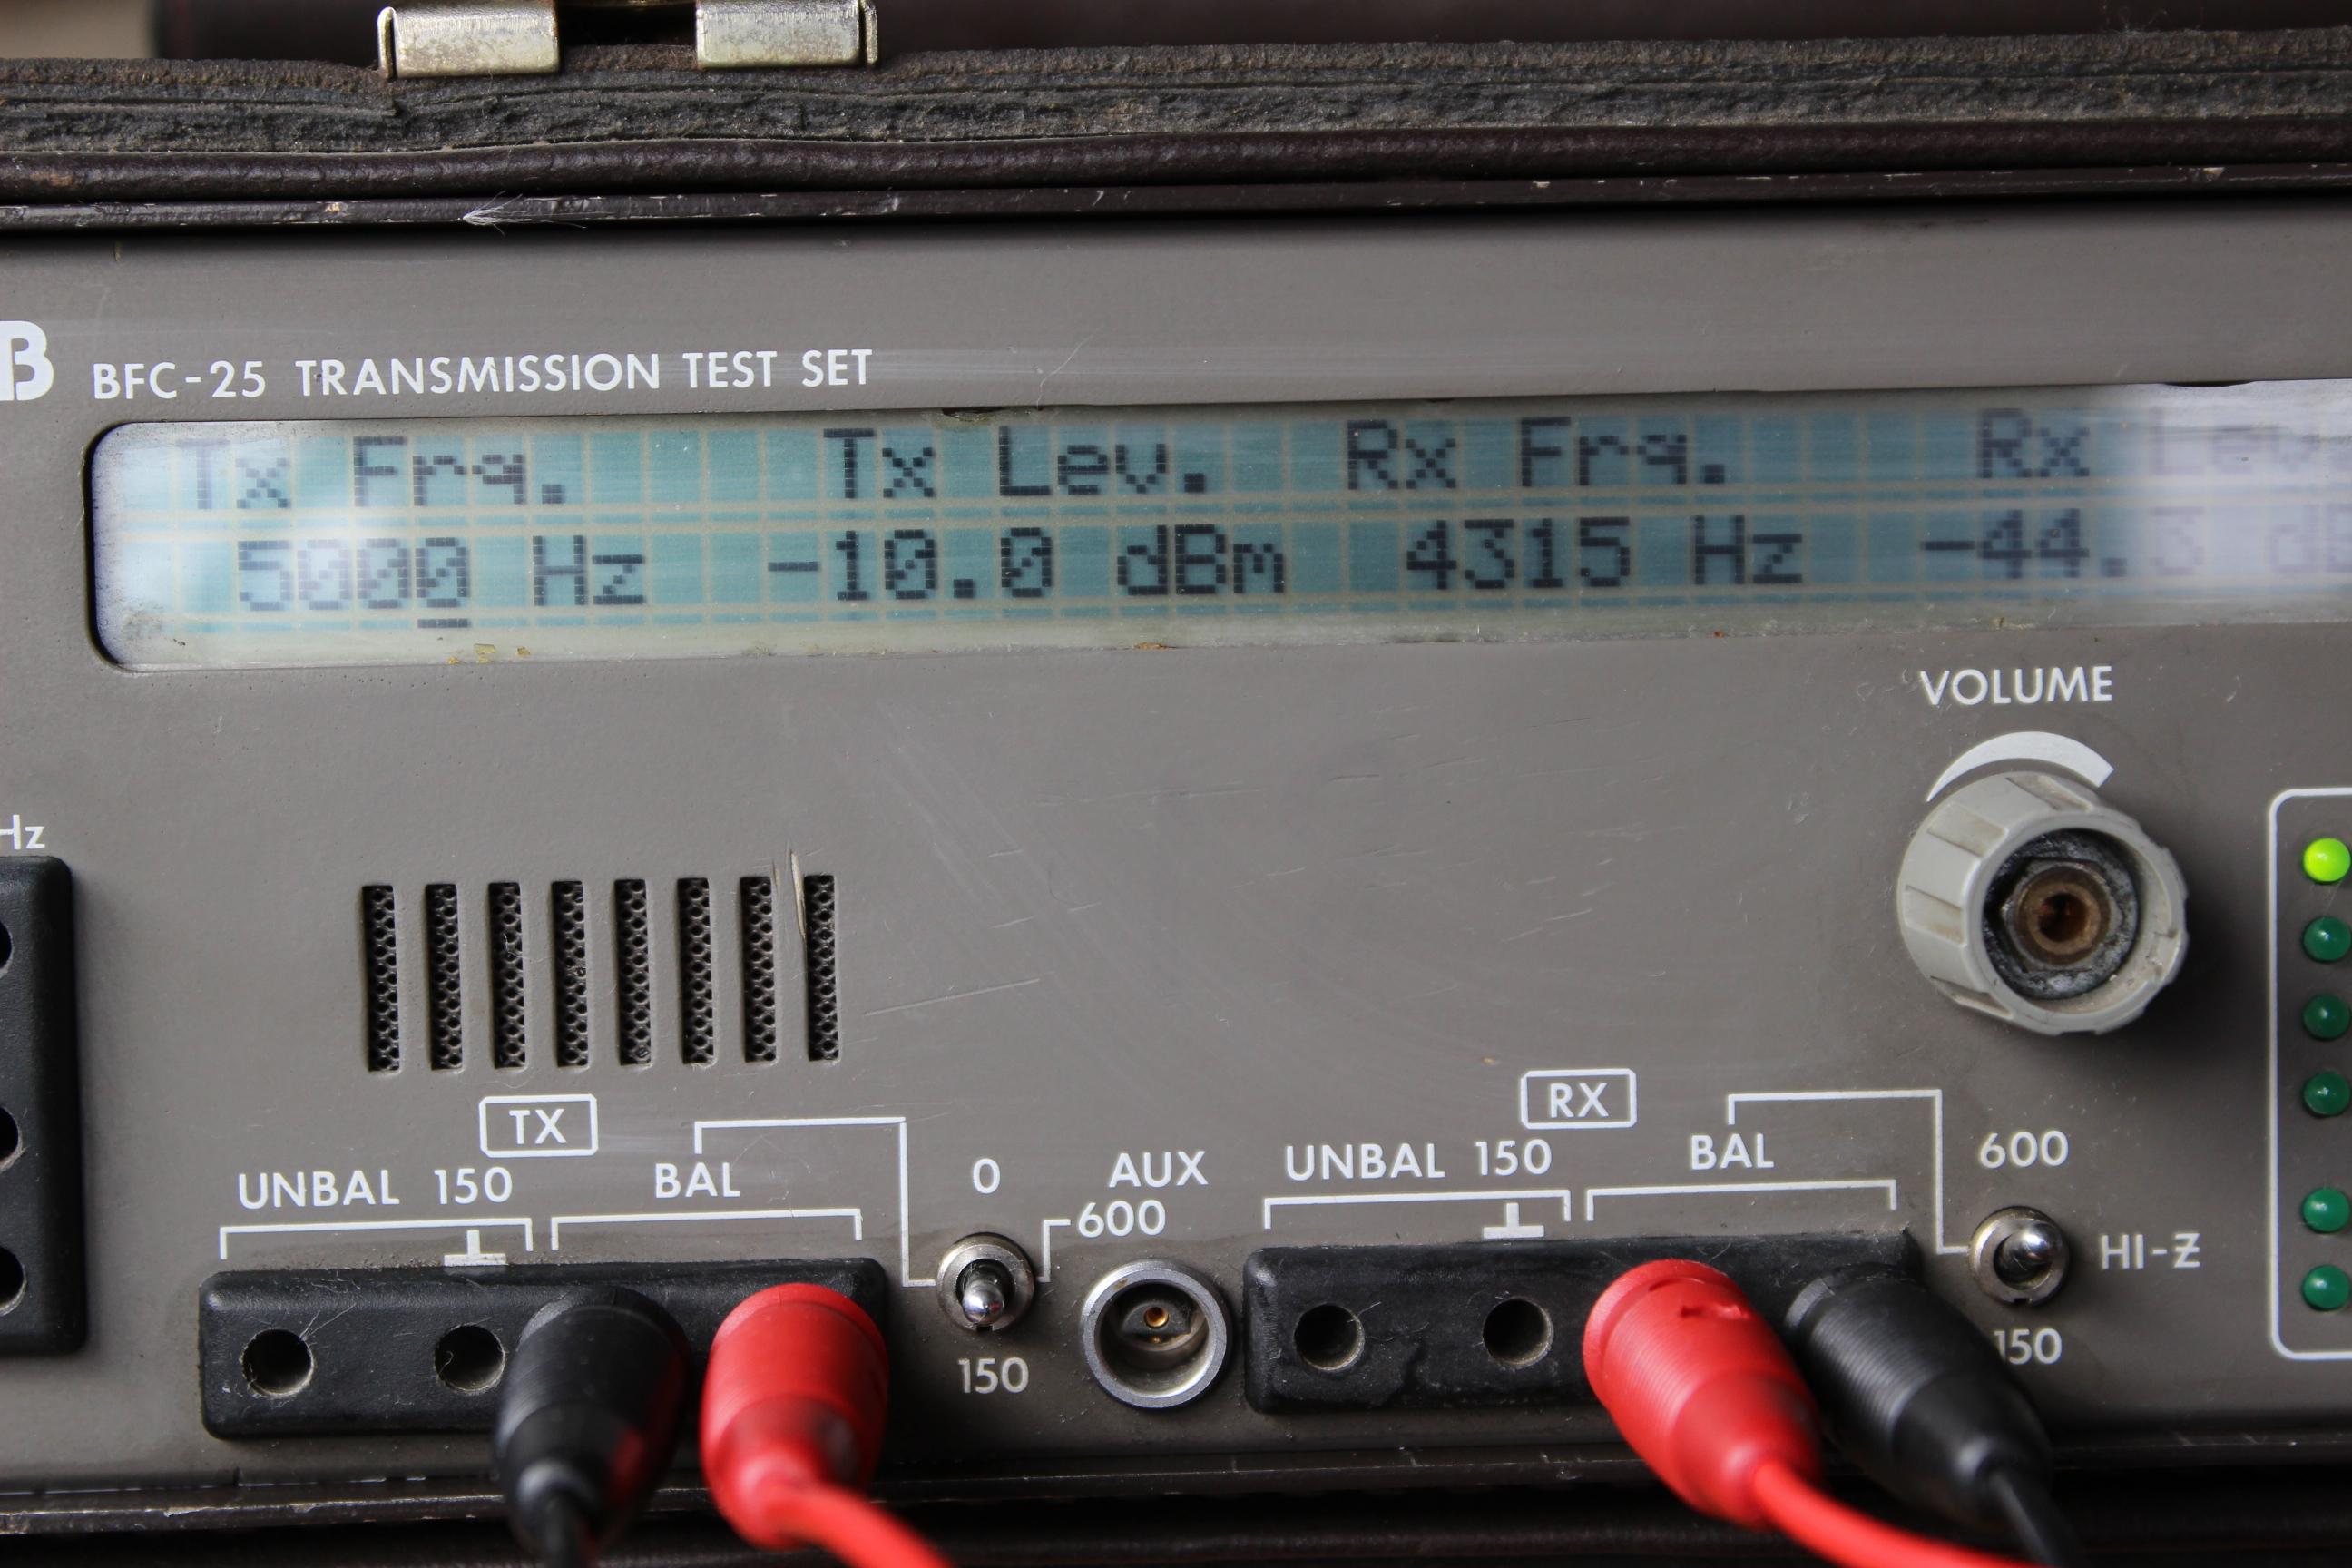 Generador y medidor de nivel en dBm